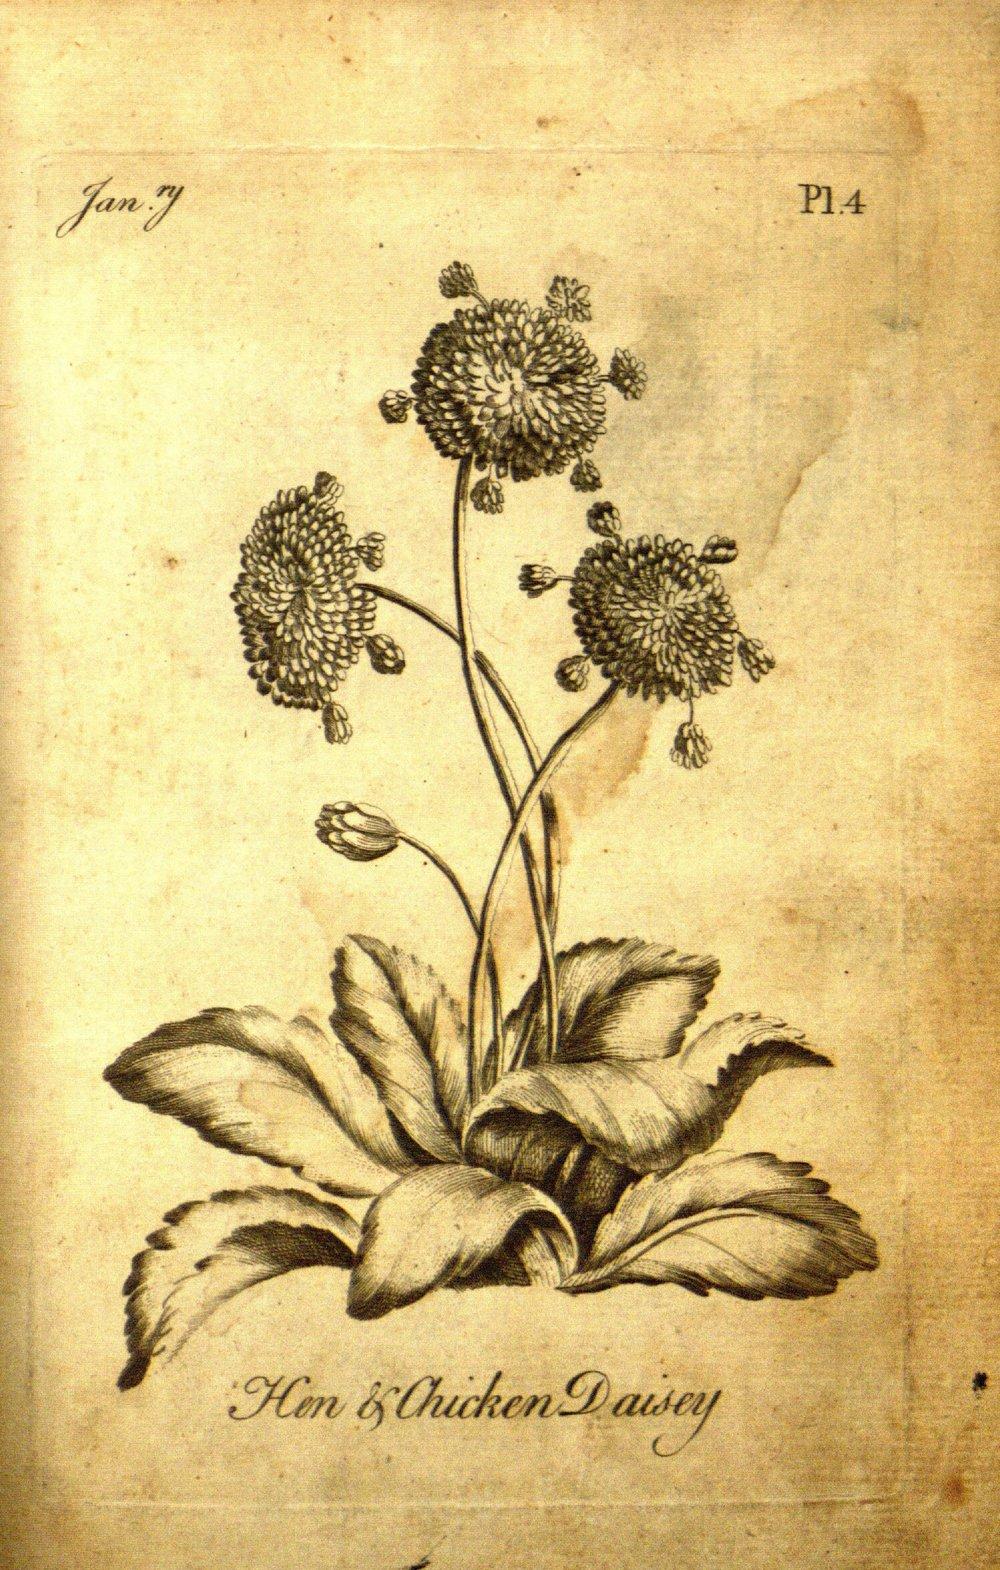 via botanicus.org